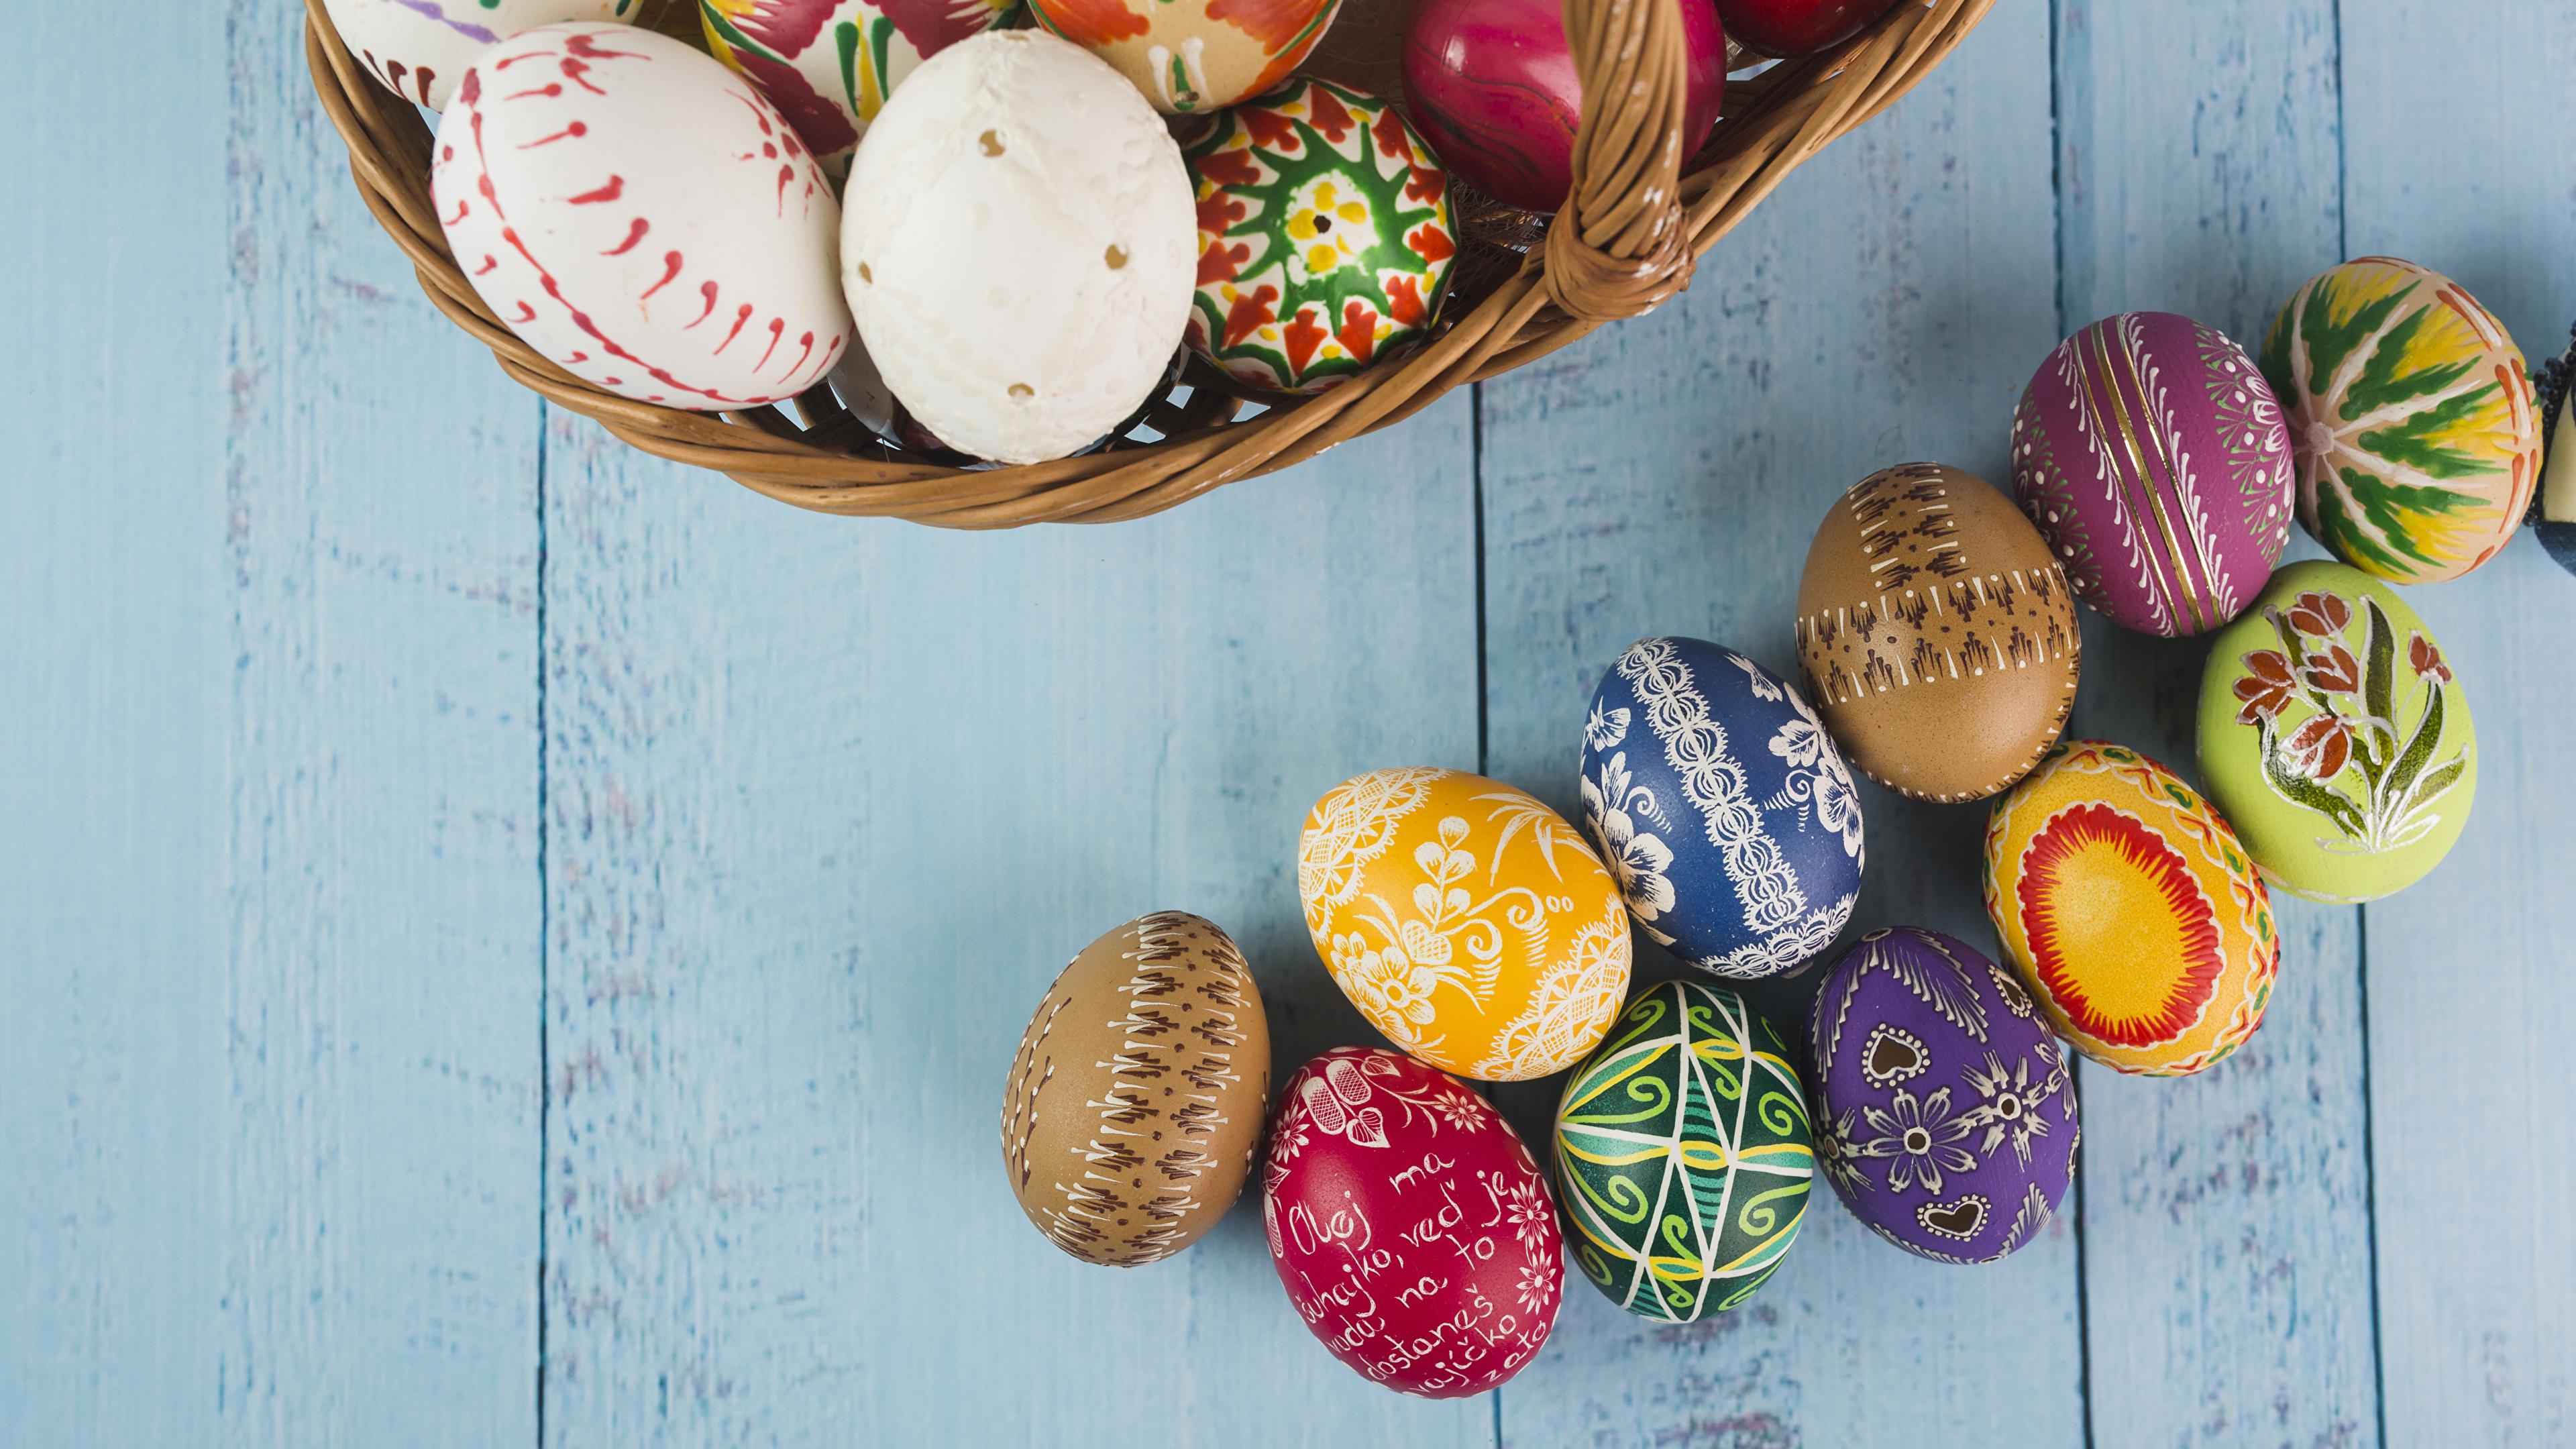 Картинки Пасха яйцами Доски Дизайн 3840x2160 яиц Яйца яйцо дизайна